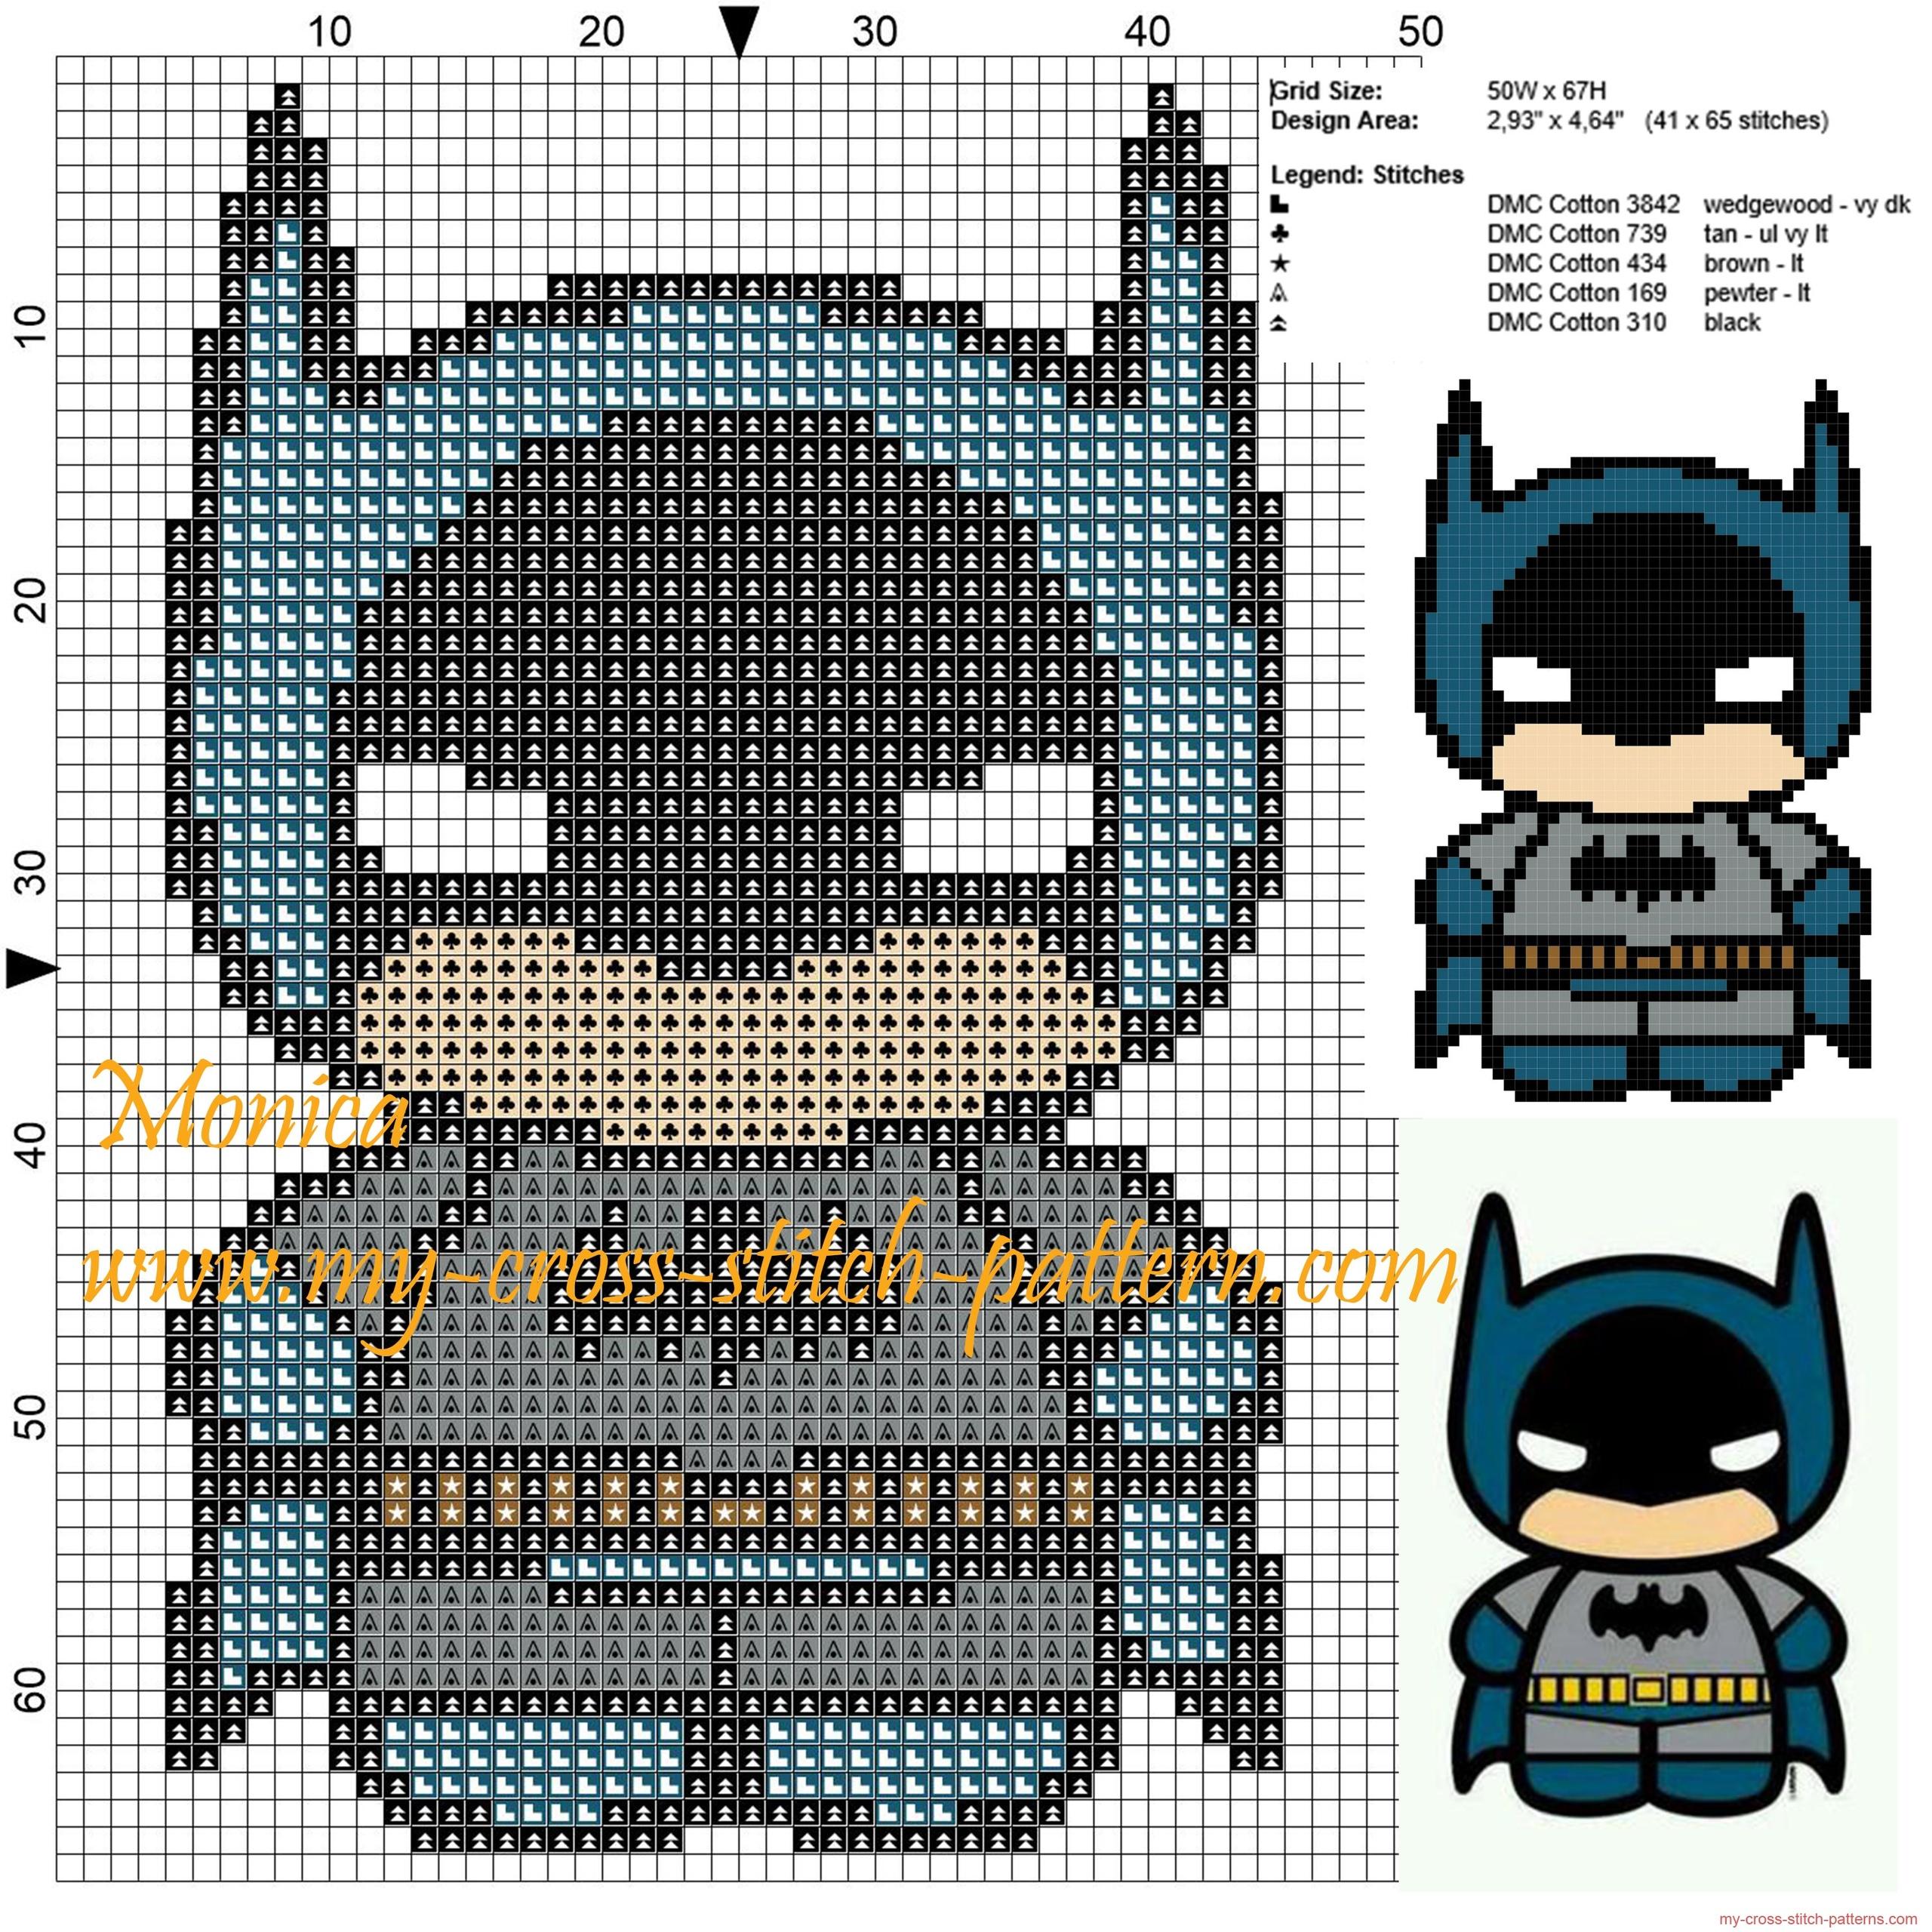 batman_chibi_cross_stitch_pattern_